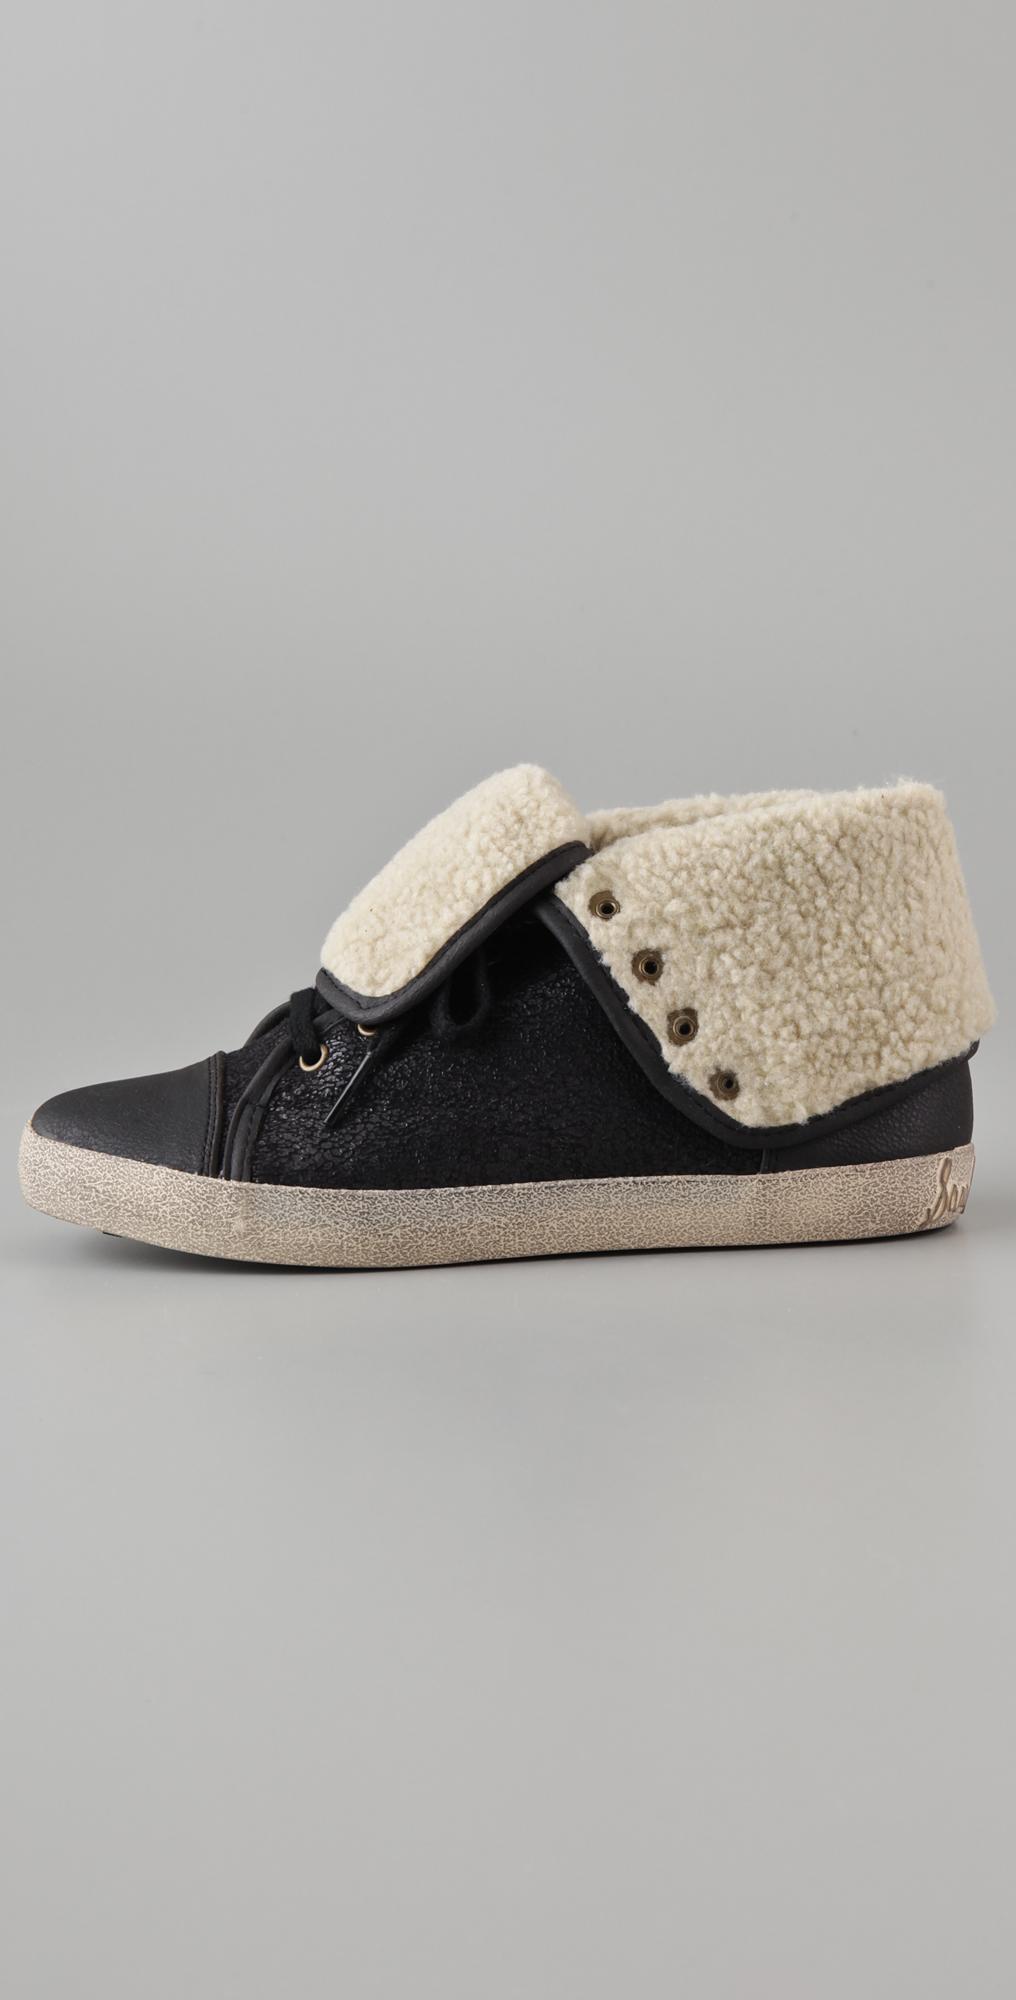 9608e36cd4a51 Sam Edelman Cori Shearling High Top Sneakers